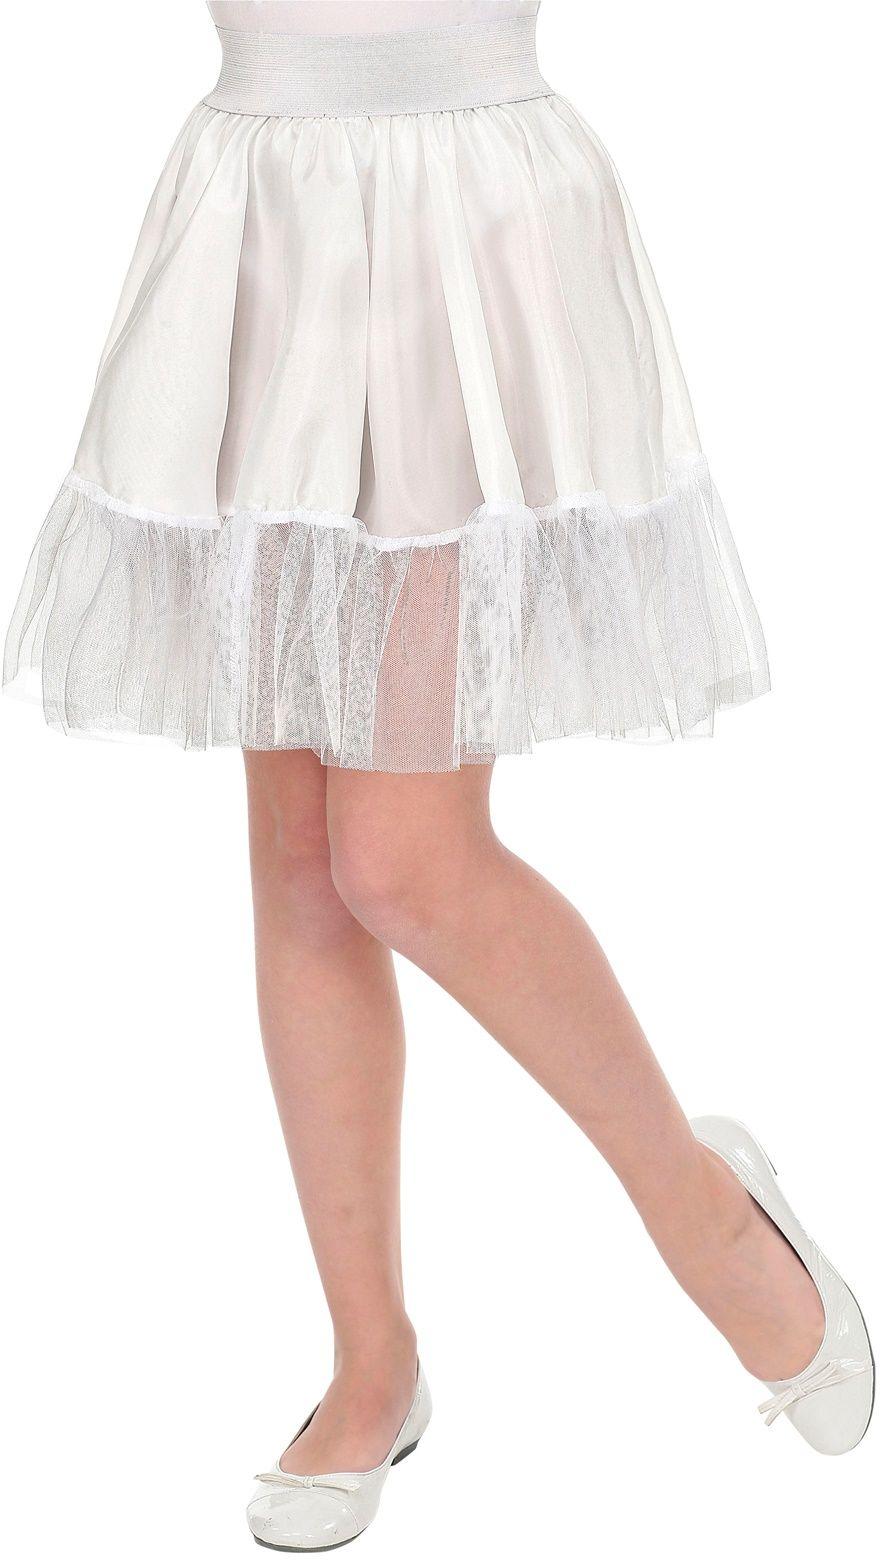 Wit petticoat rokje meisje